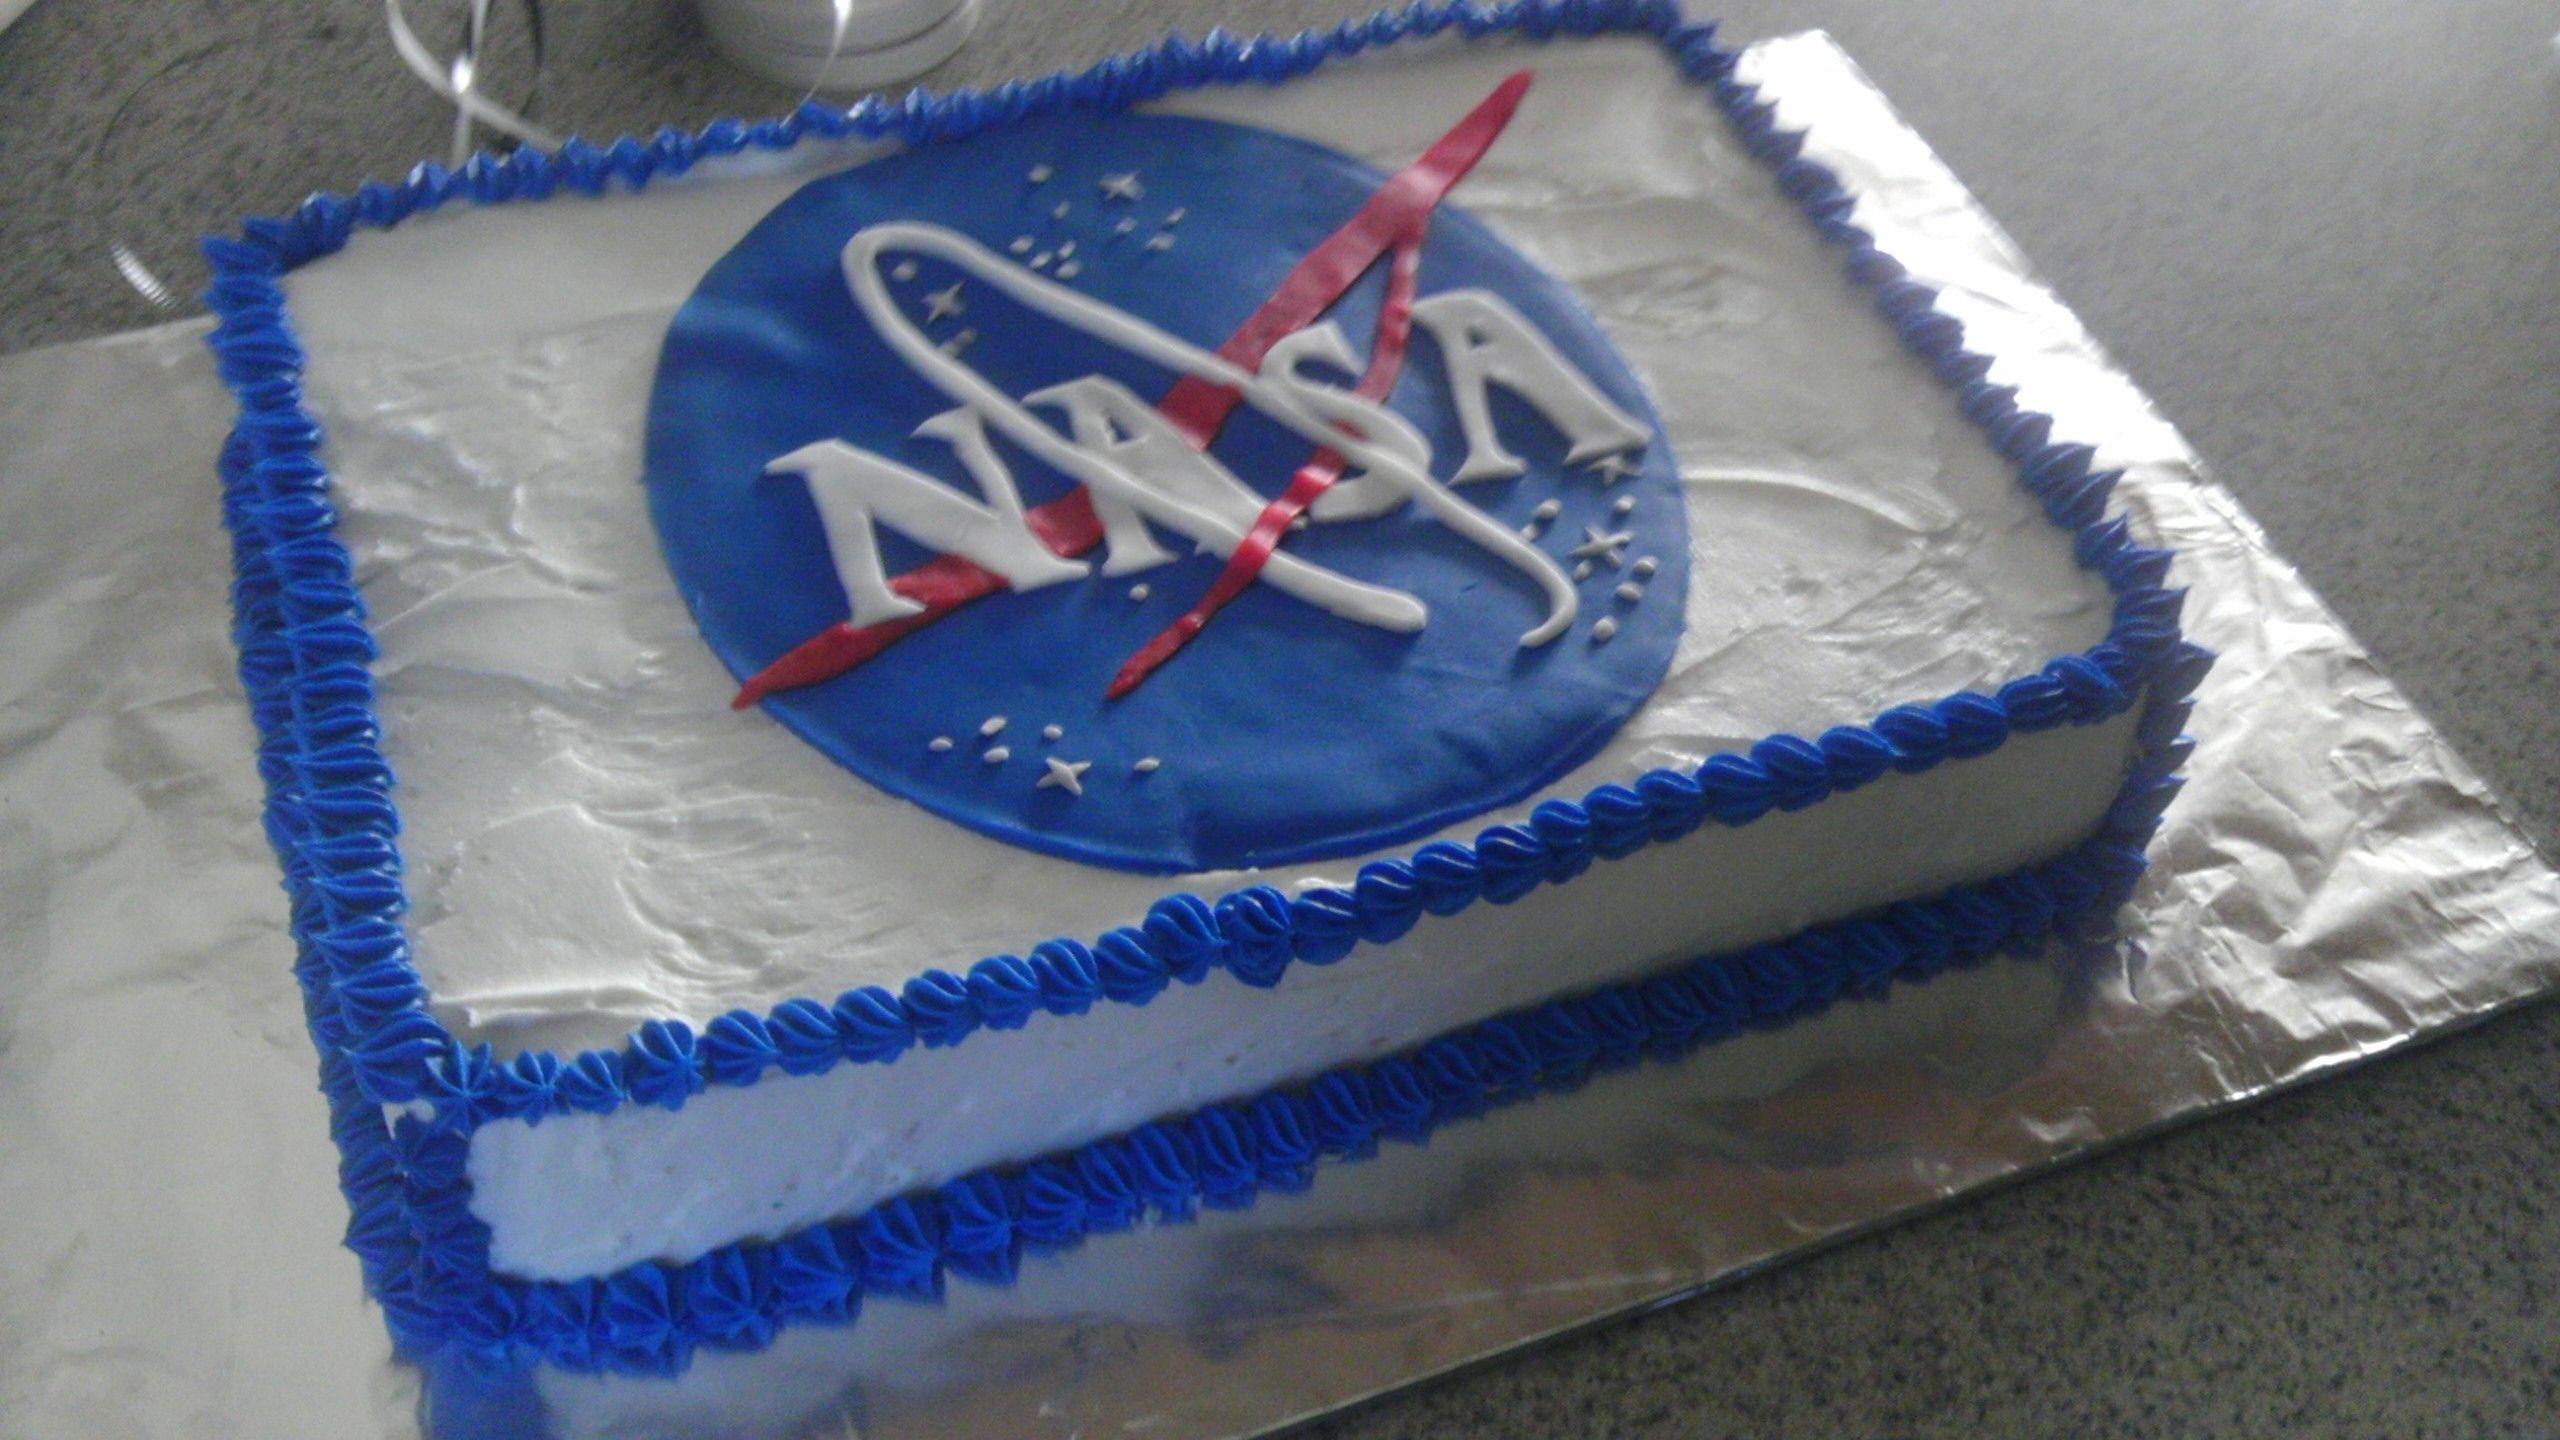 Nasa Cake